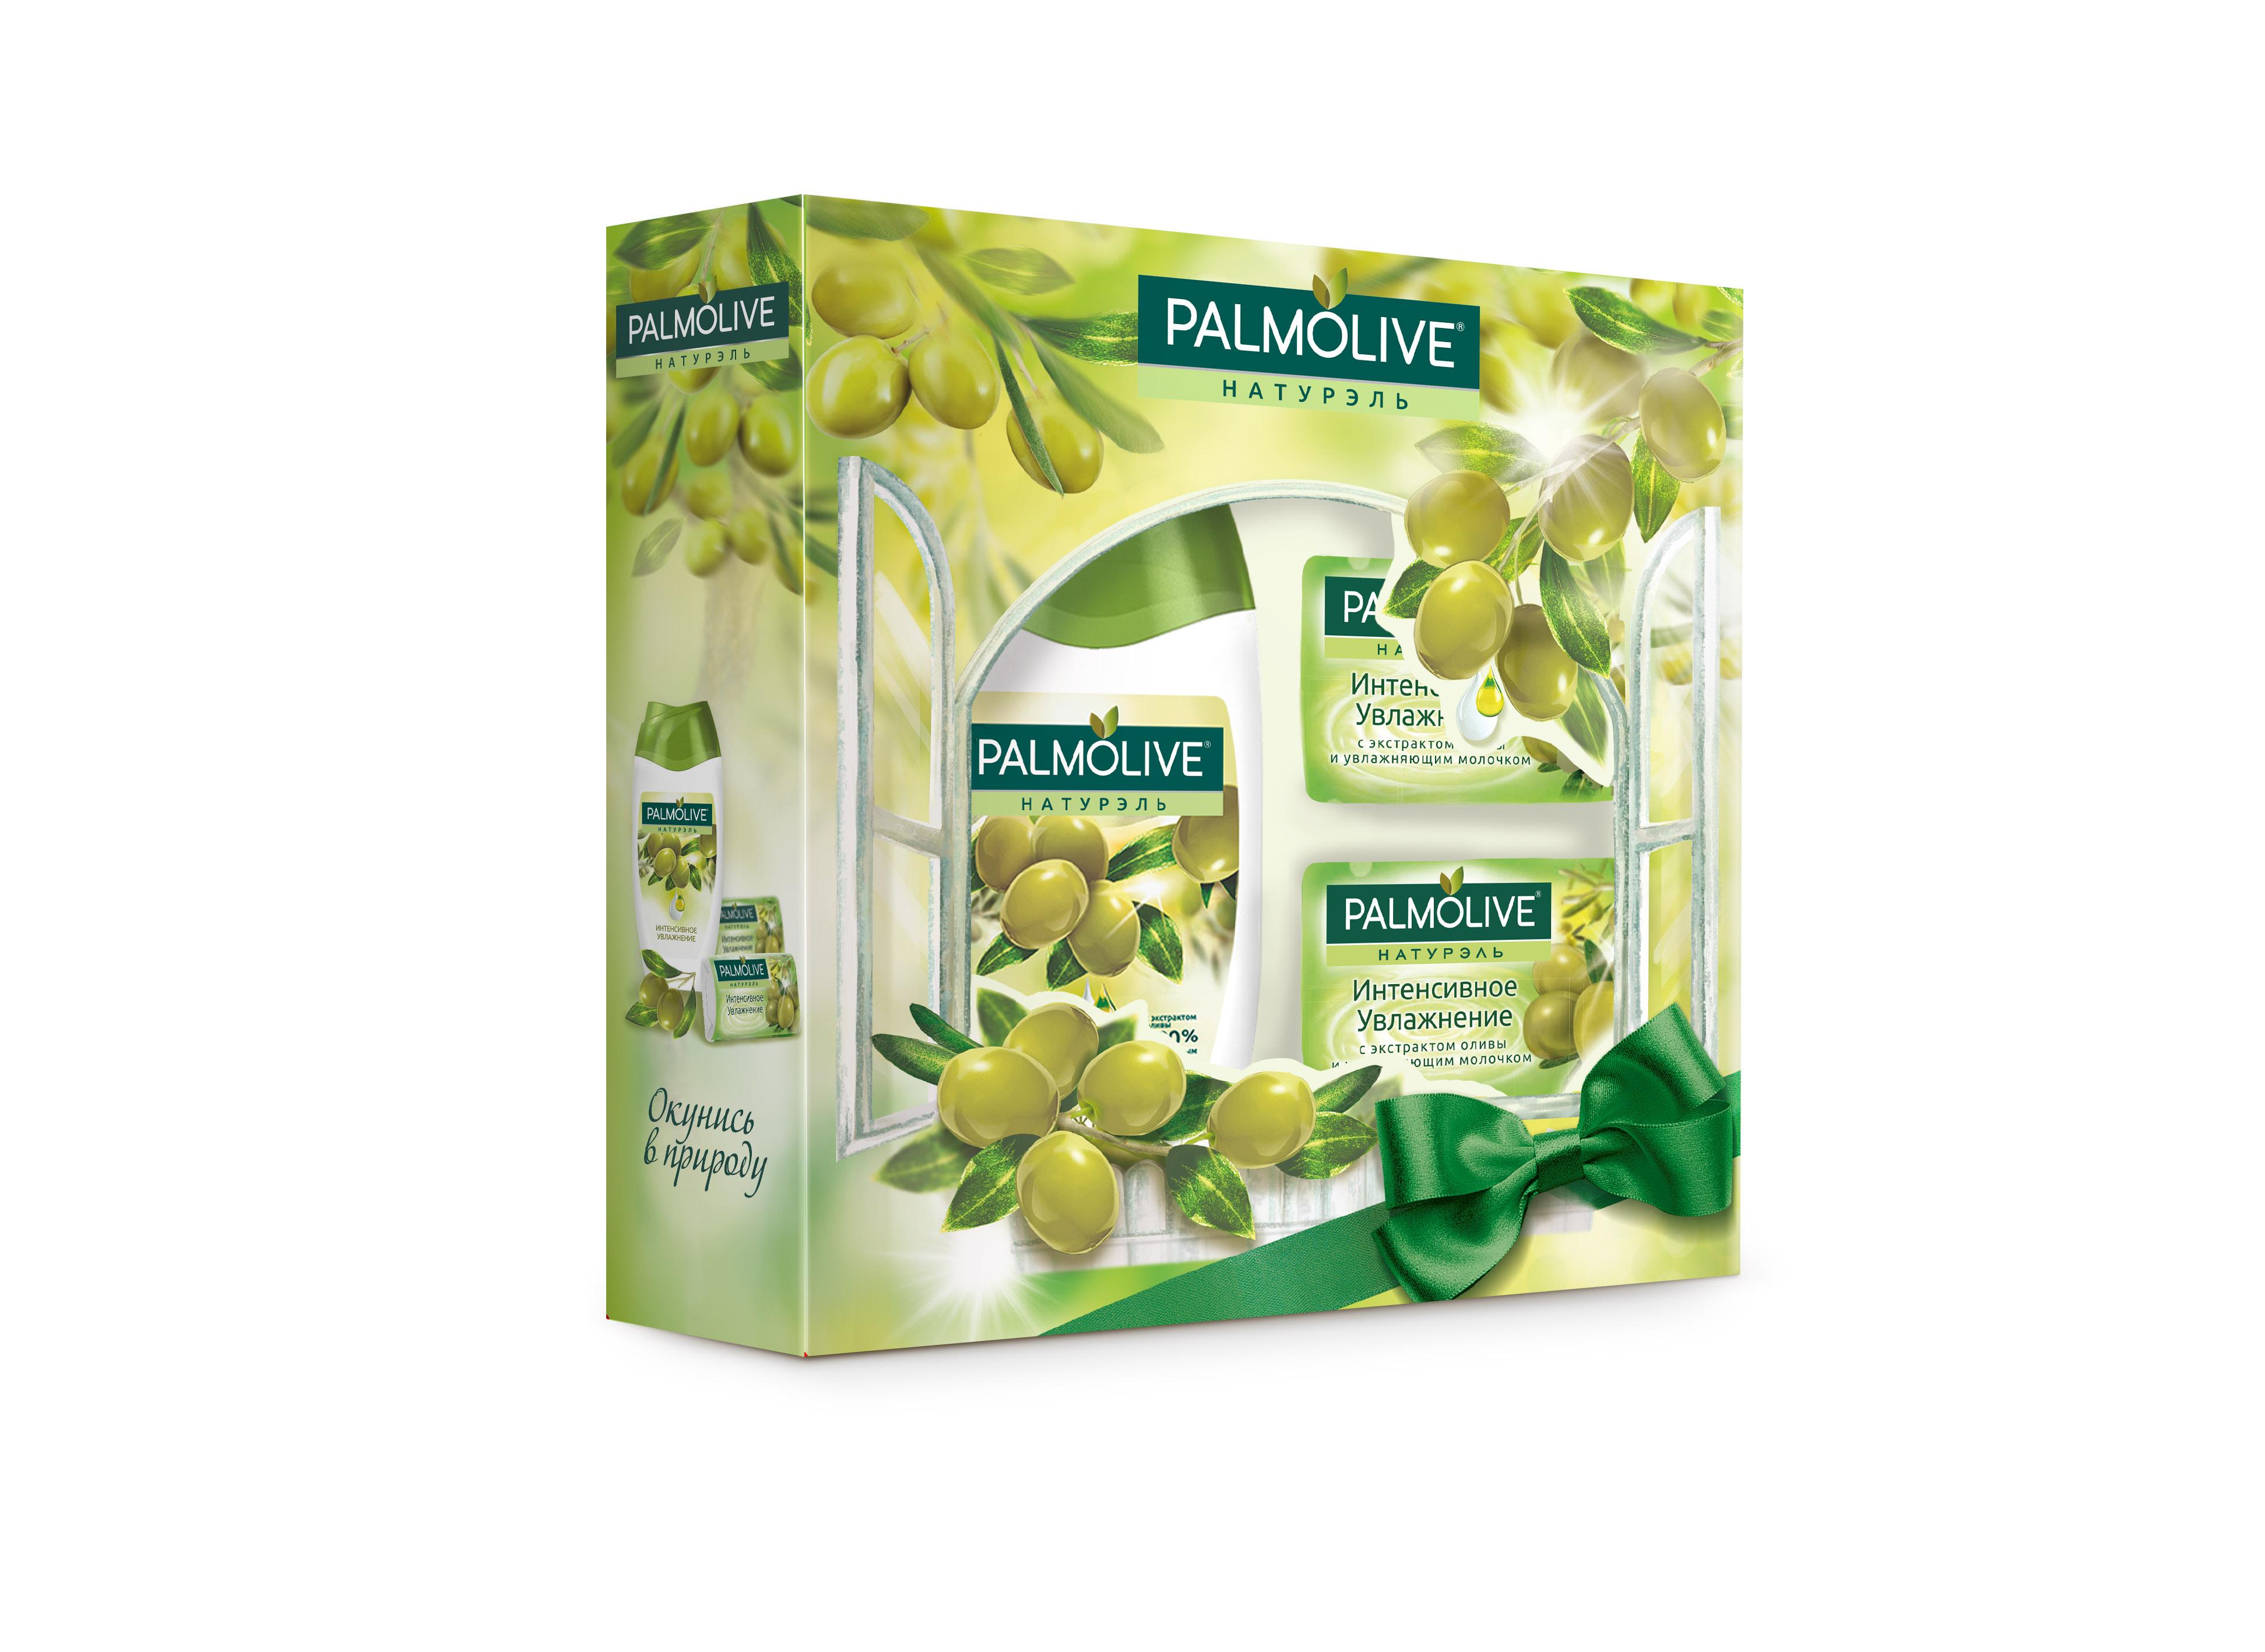 Подарочный набор Palmolive Натурэль Интенсивное Увлажнение с экстрактом оливыперфорационные unisexГель для душа Олива 250мл - 1шт, кусковое мыло Олива 2шт - 2шт в коробке